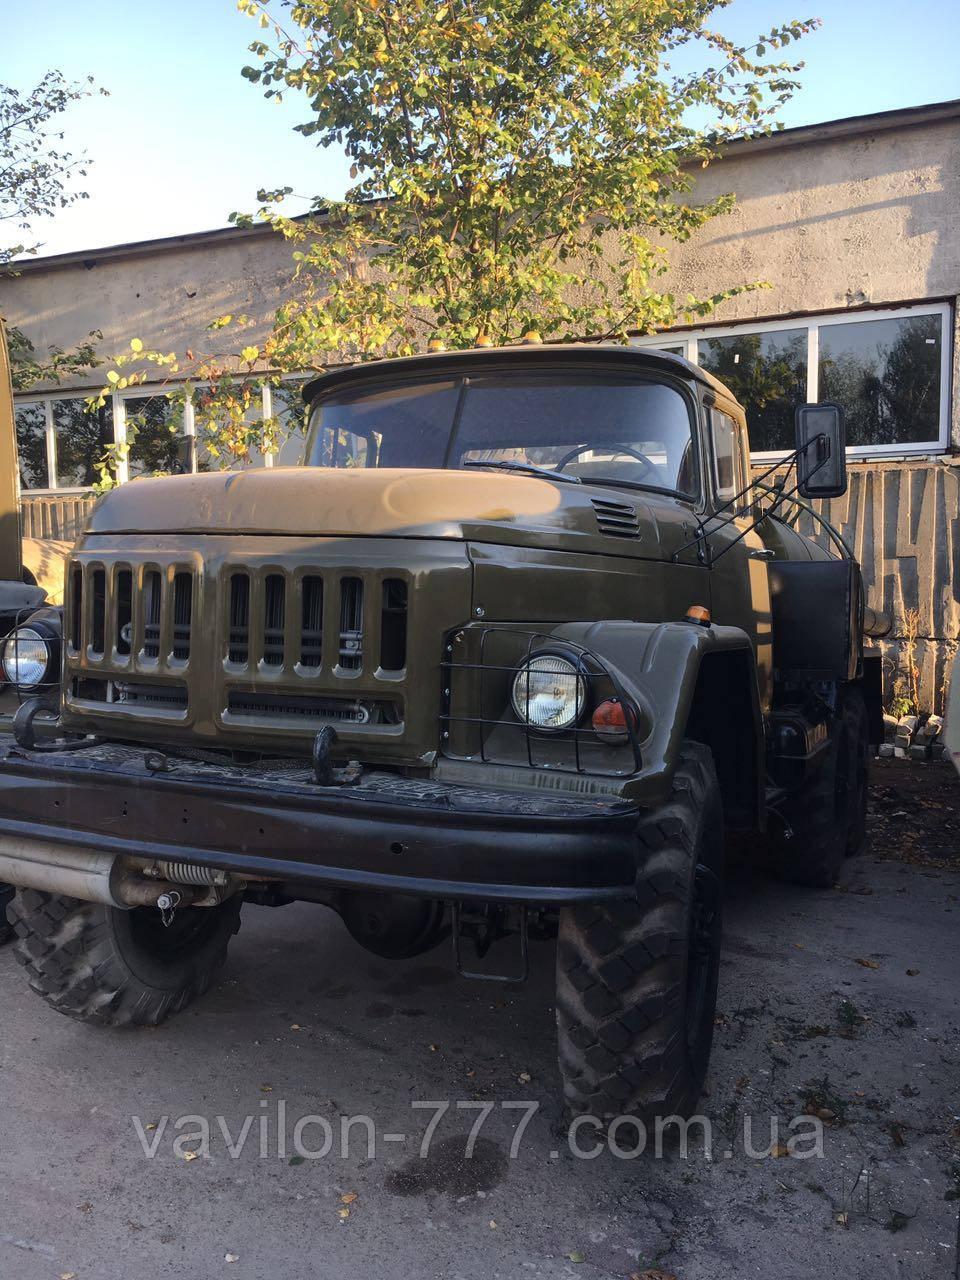 Автомобиль ЗИЛ-131, бензовоз 4,4 м3